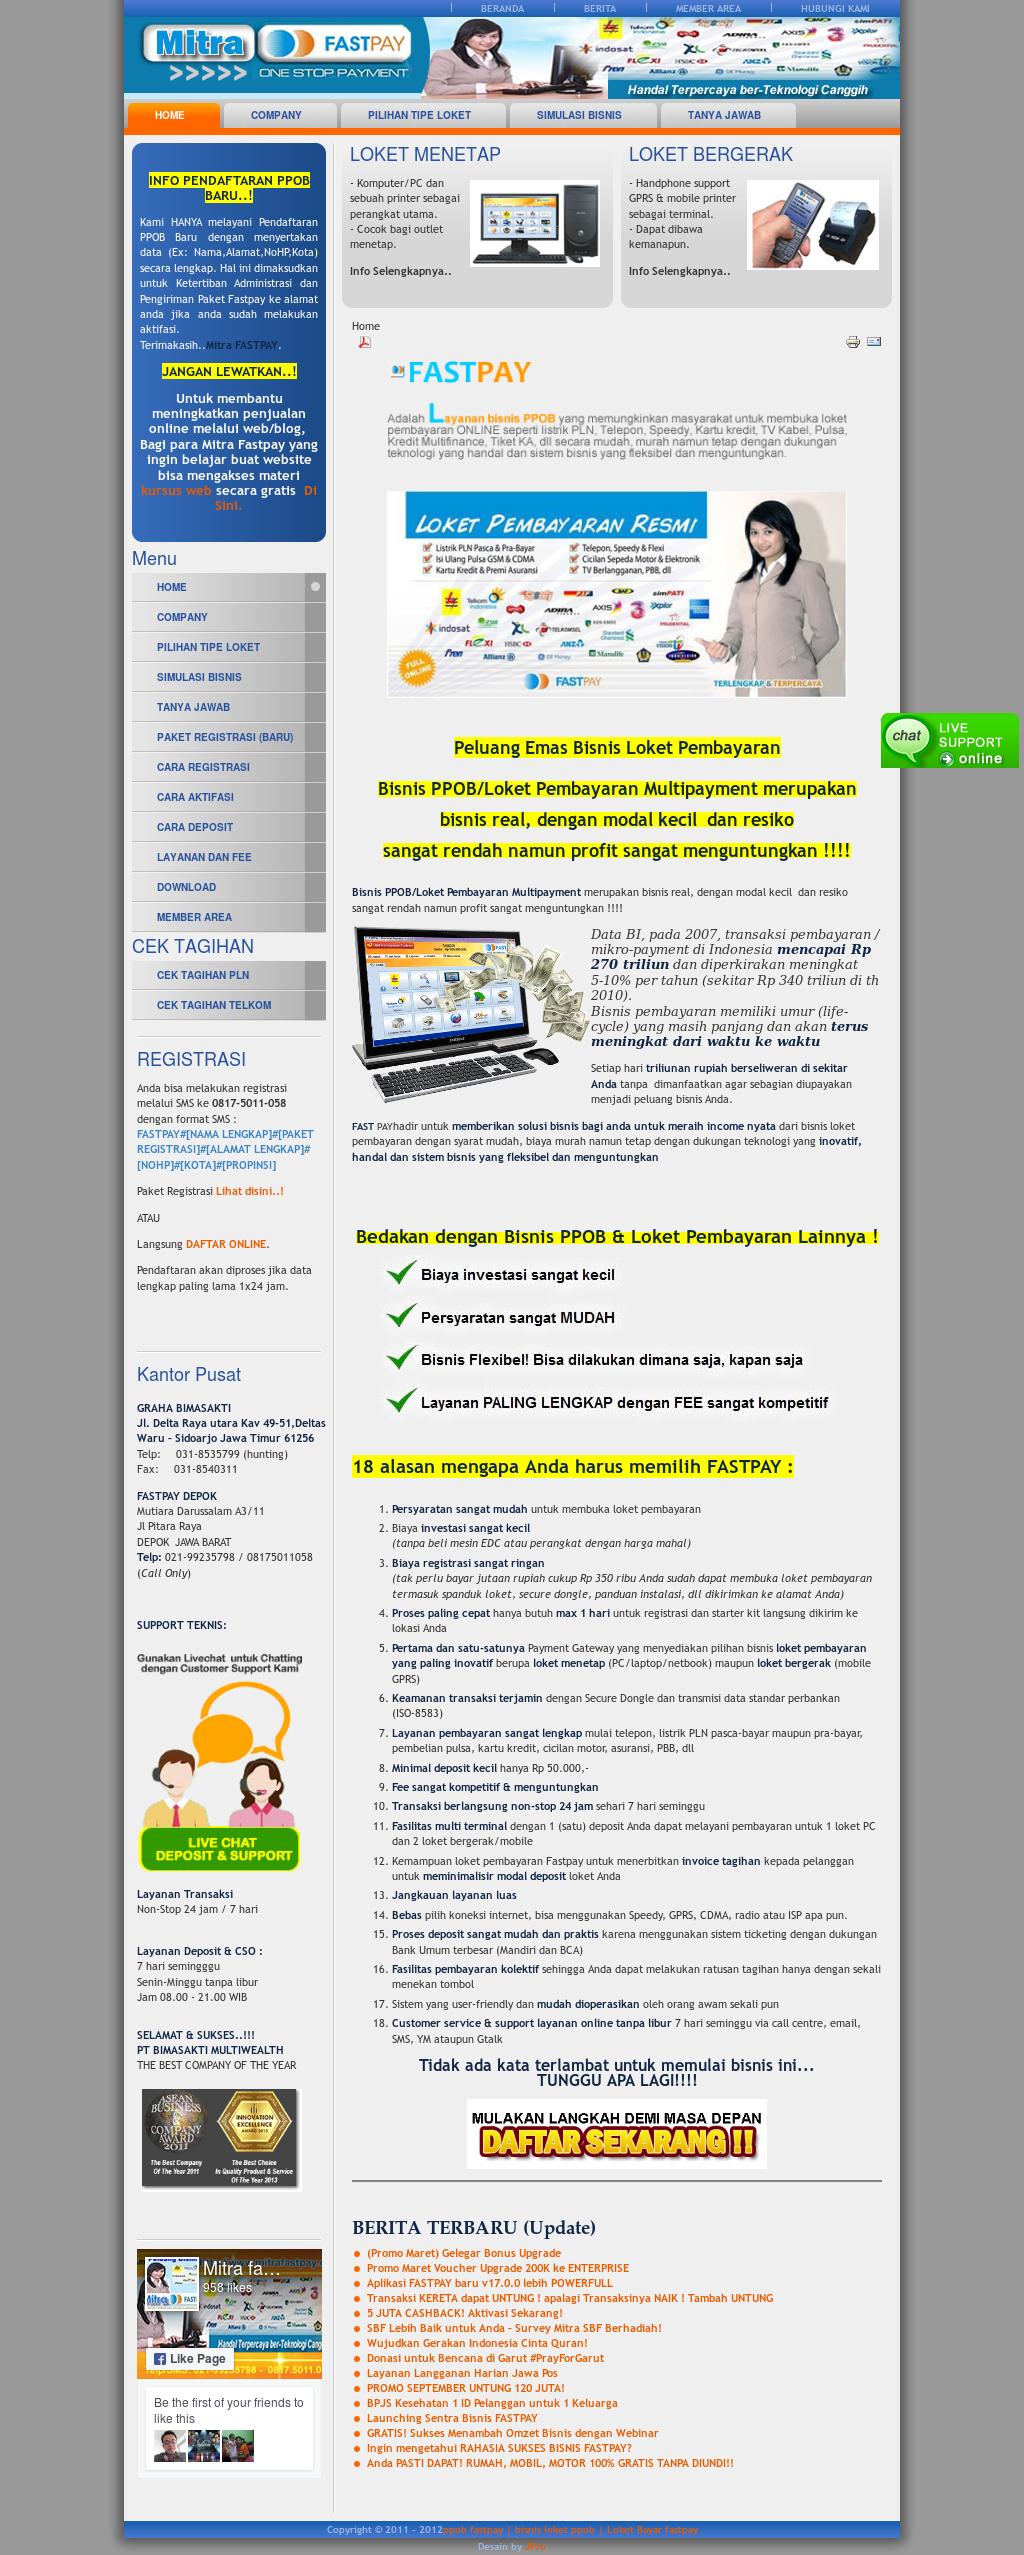 Hp Yang Cocok Buat Bisnis Online - Tips Mencocokan